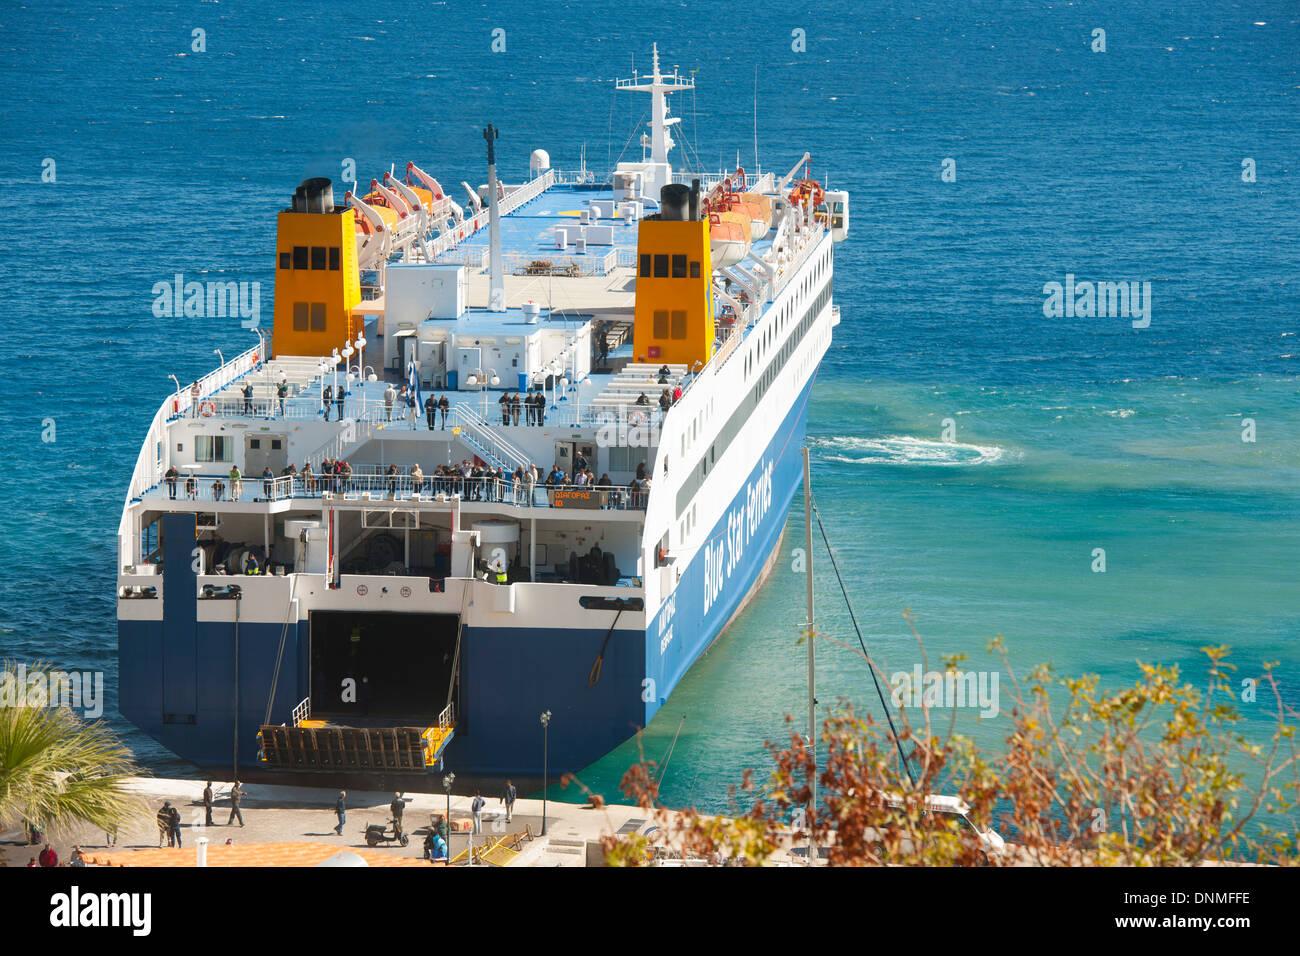 Griechenland, Insel Tilos, Fährschiff Im Hafen von von Livadia Stockbild